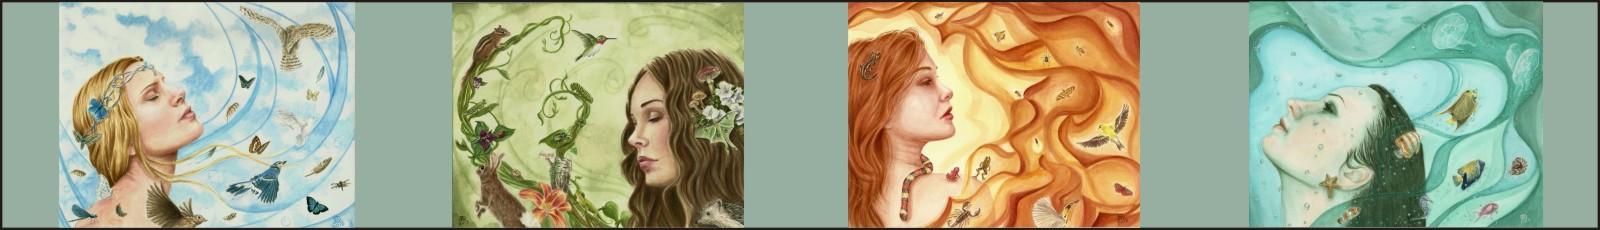 Deanna Bach Art